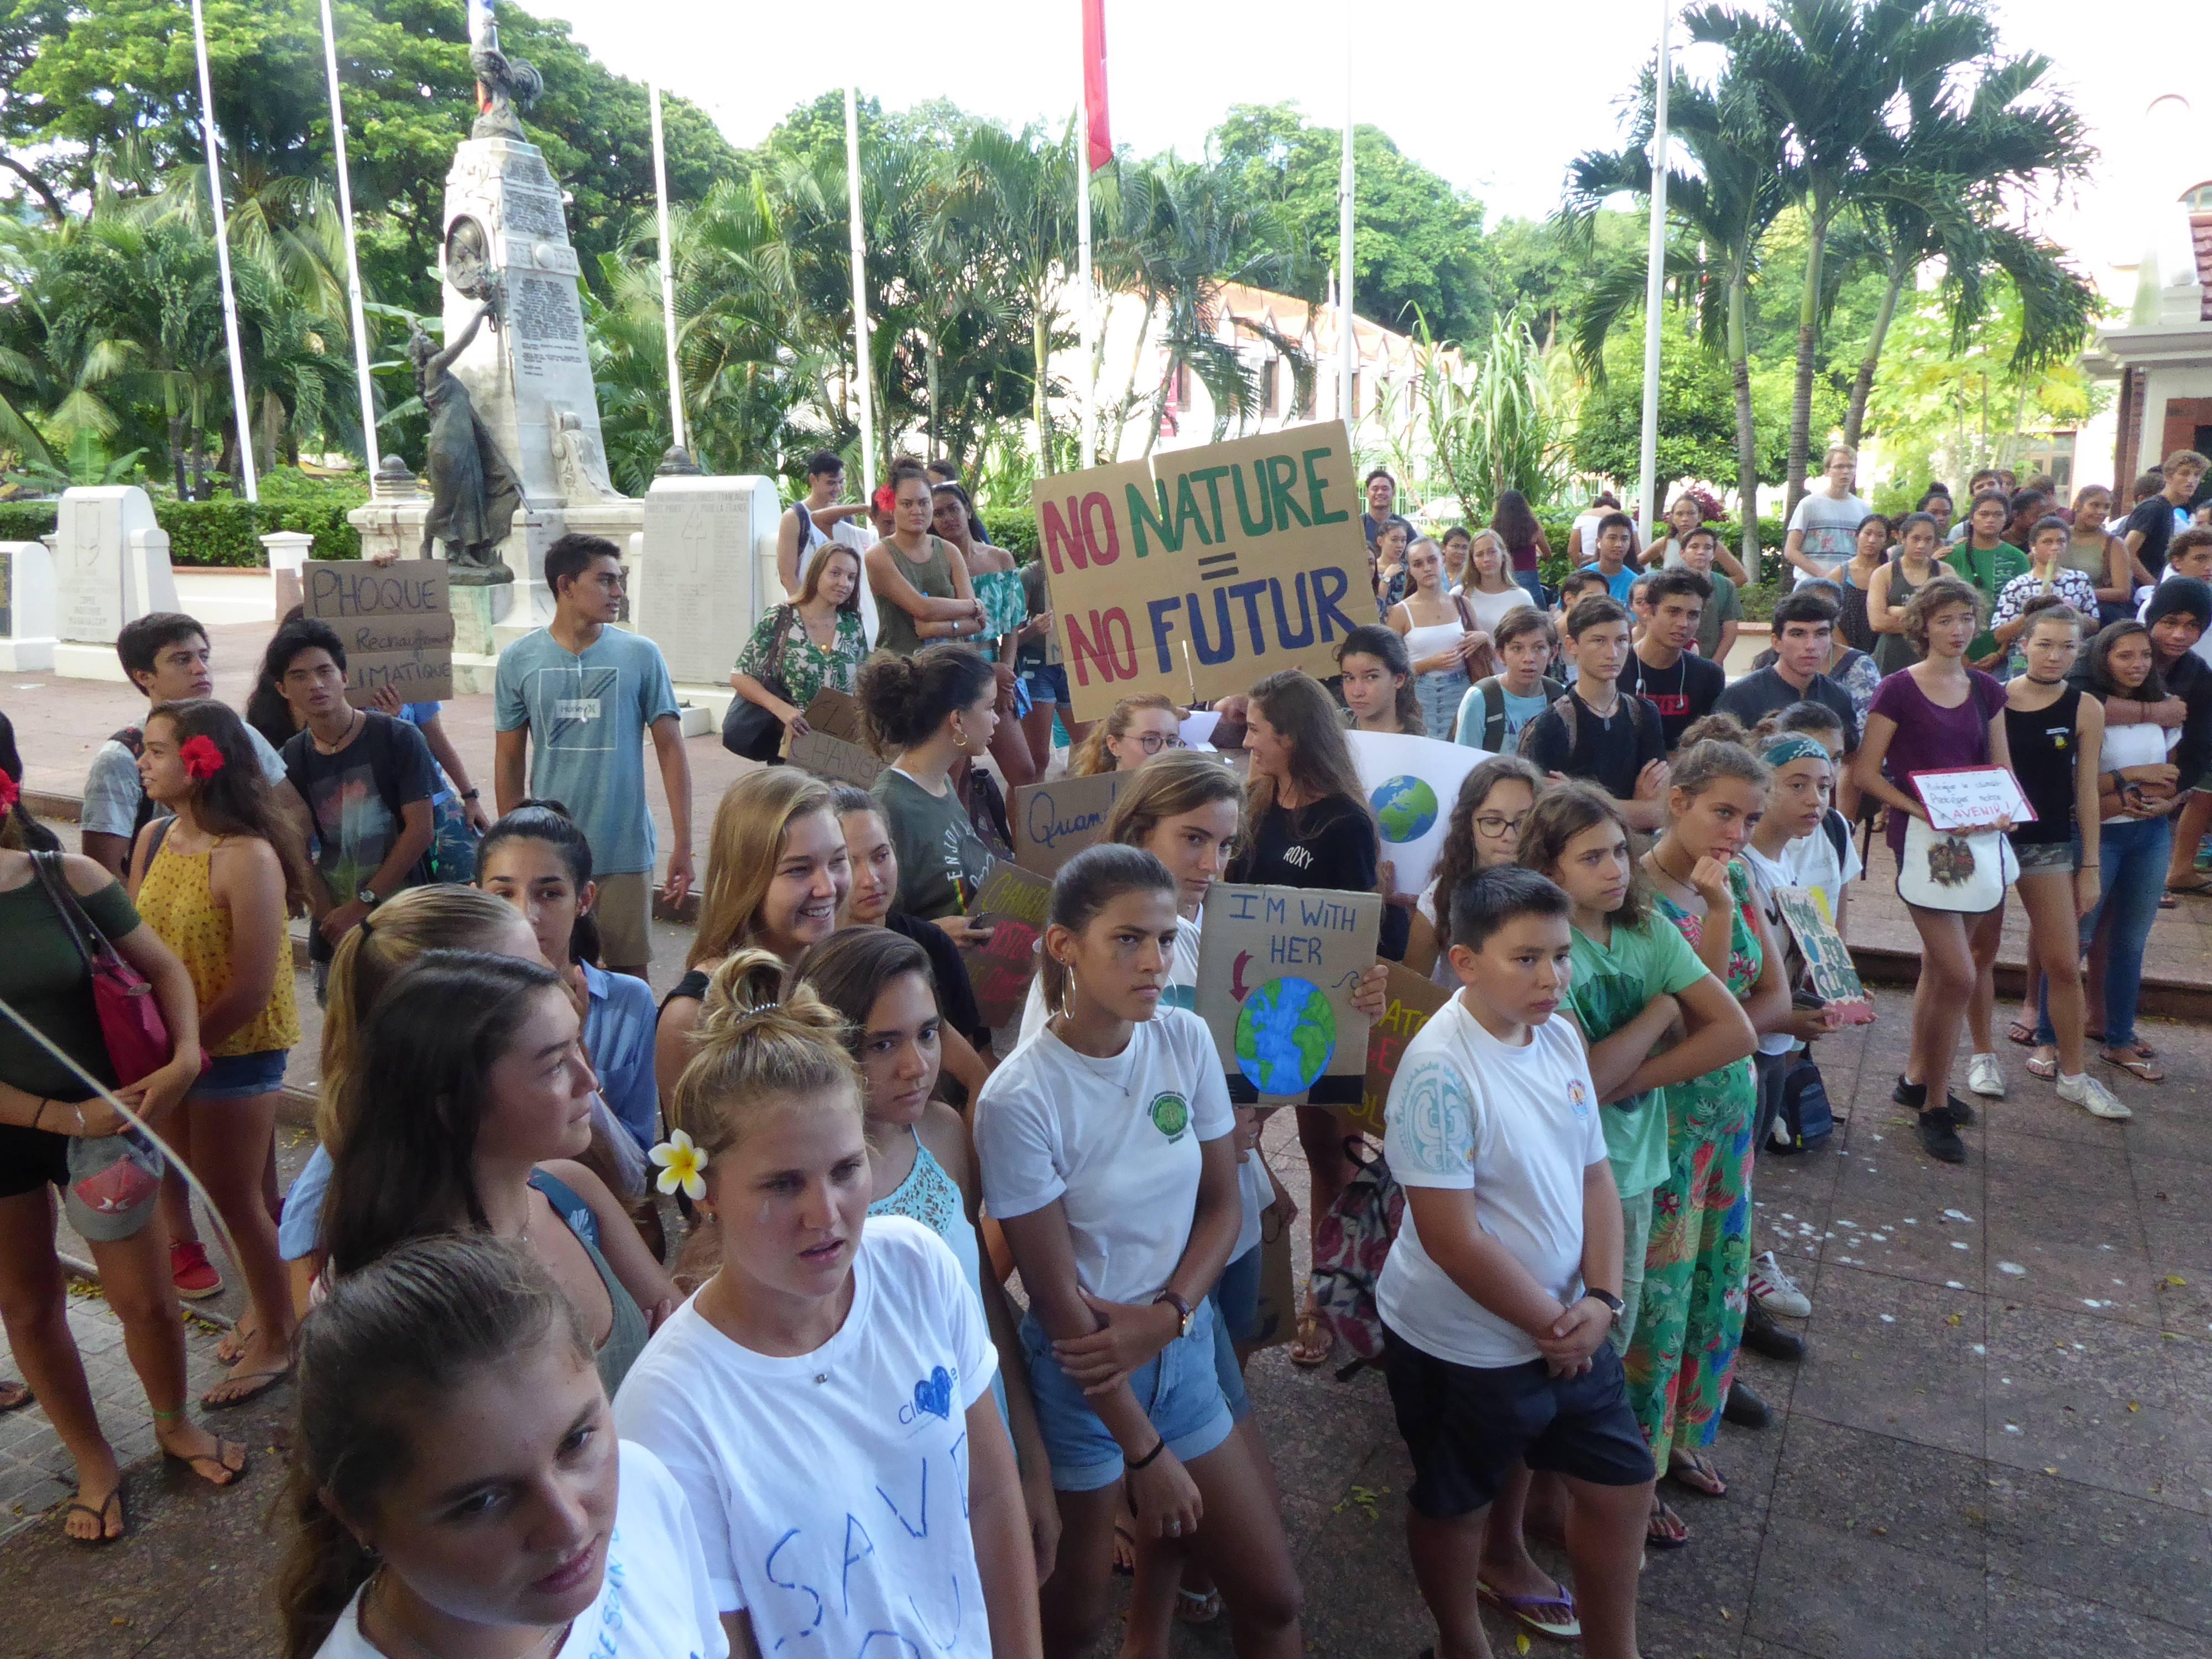 Marche pour le climat : 200 jeunes mobilisés